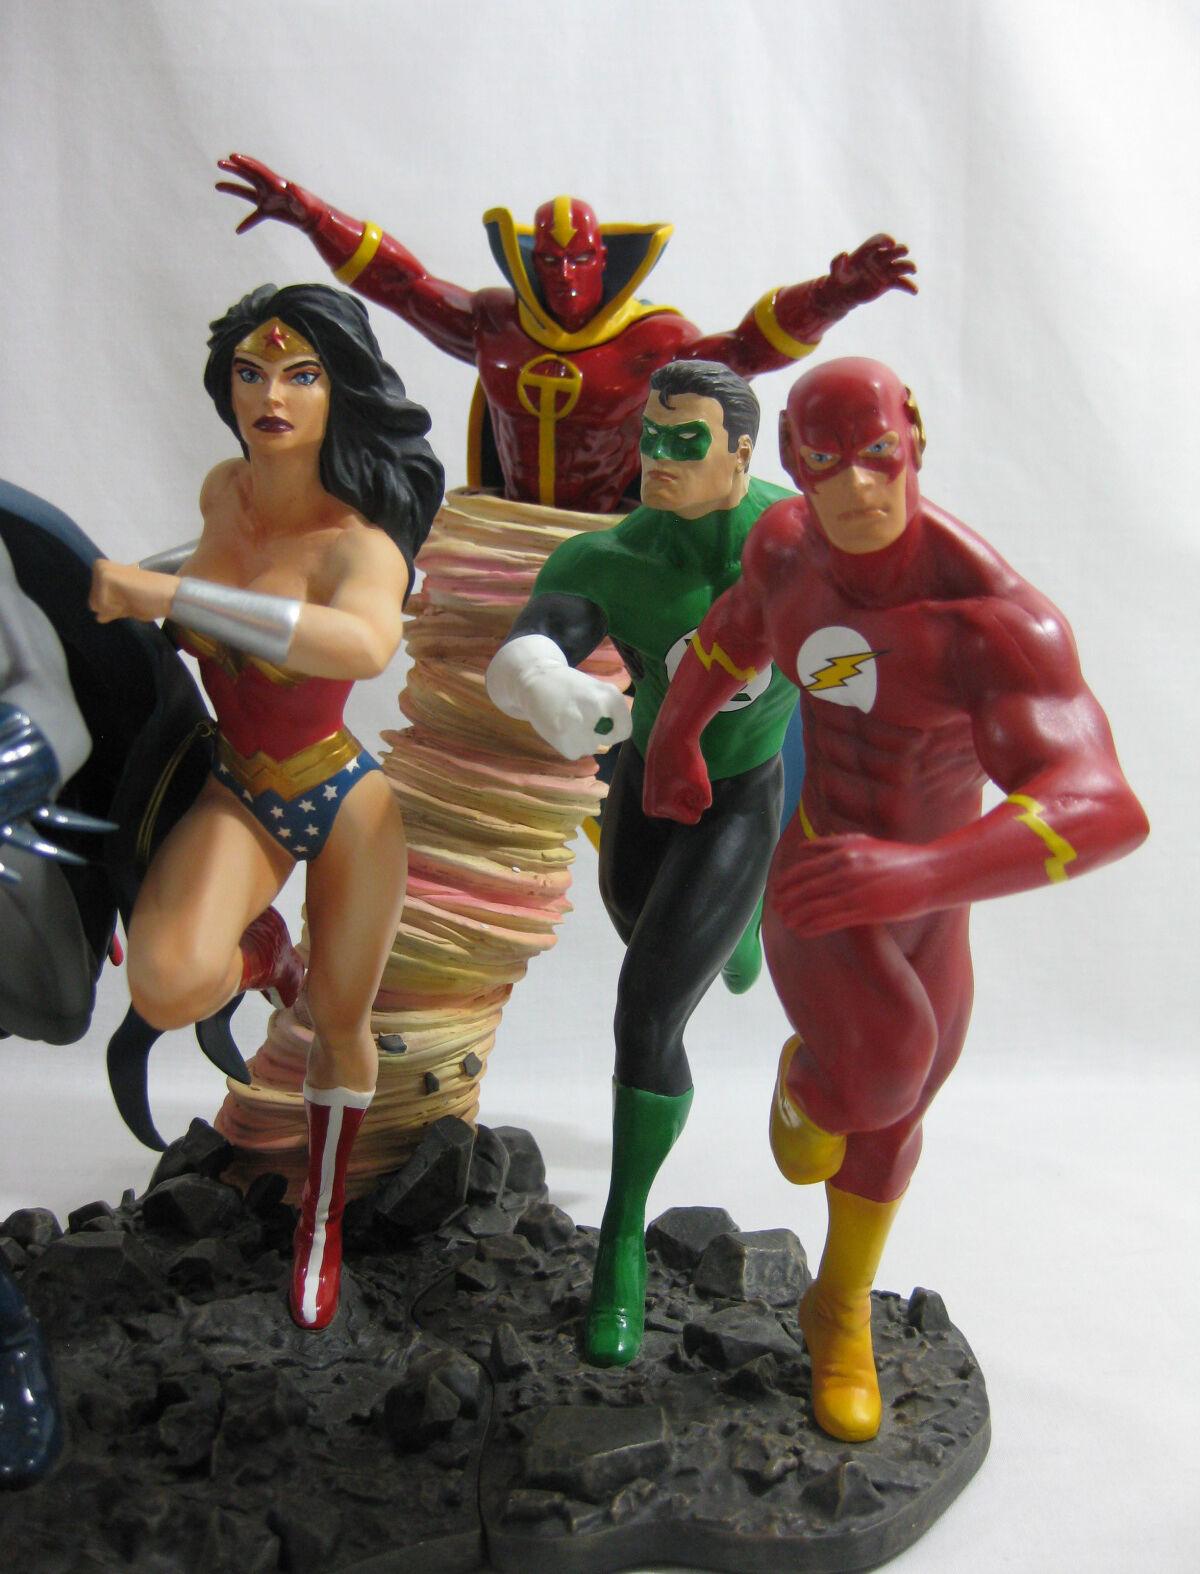 2008 DC Direct Statue ✧ JUSTICE LEAGUE LEAGUE LEAGUE AMERICA ✧ Batman Superman Complete BOXED 0ee1d0